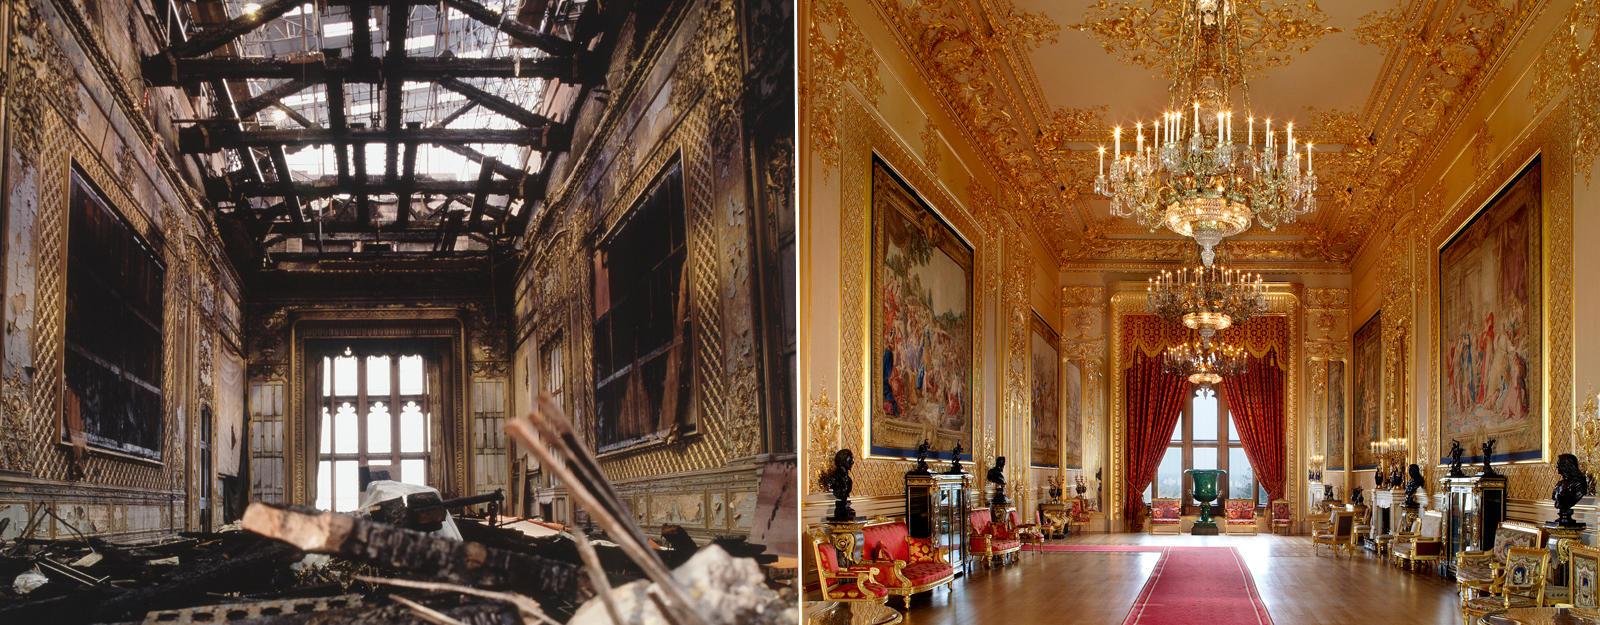 Hotels Near Windsor Castle London